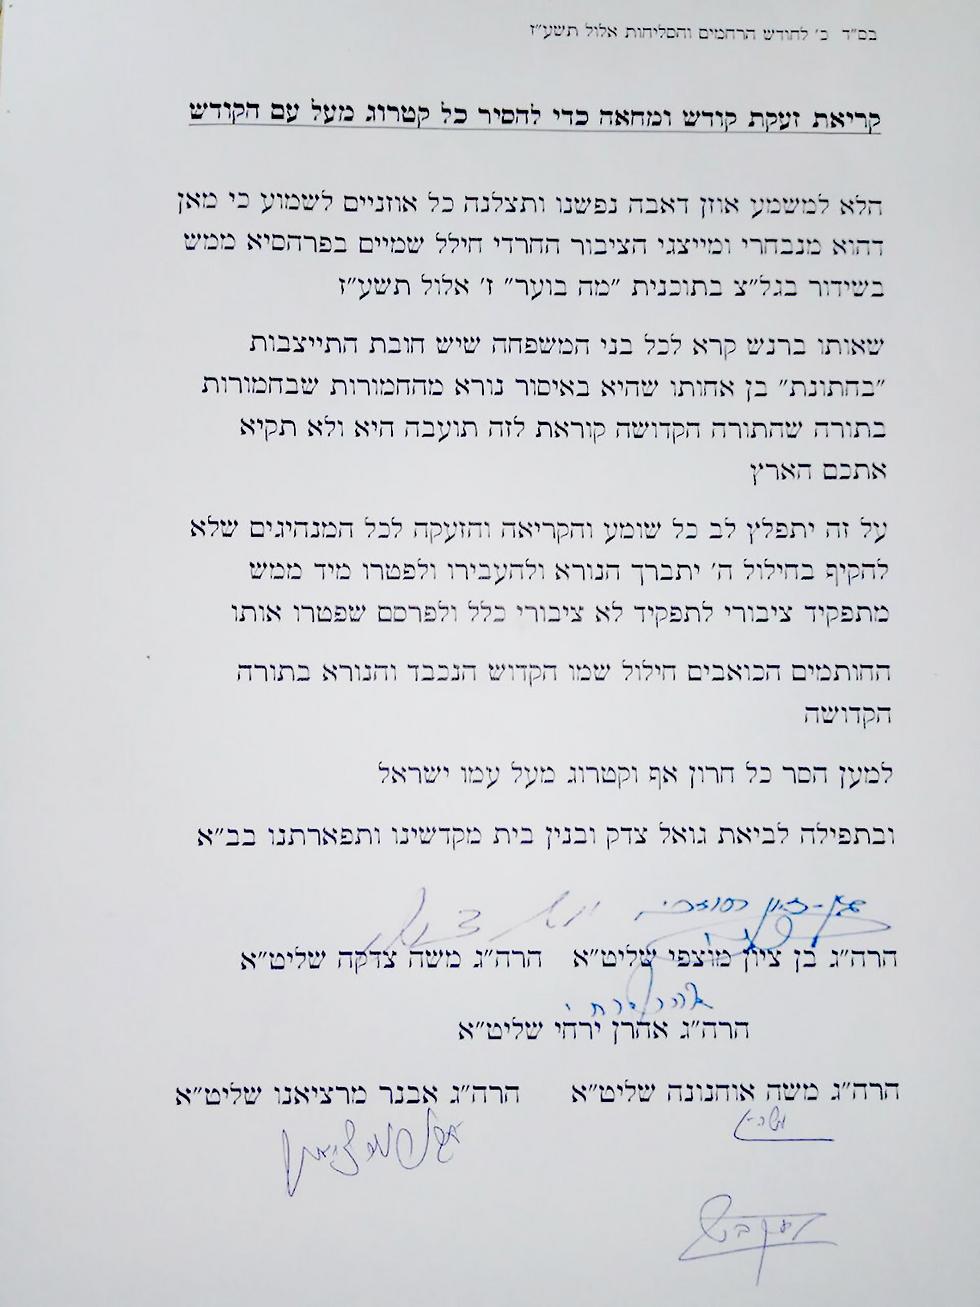 מכתב הרבנים שנוצר ביוזמתו של יוסי איבגי